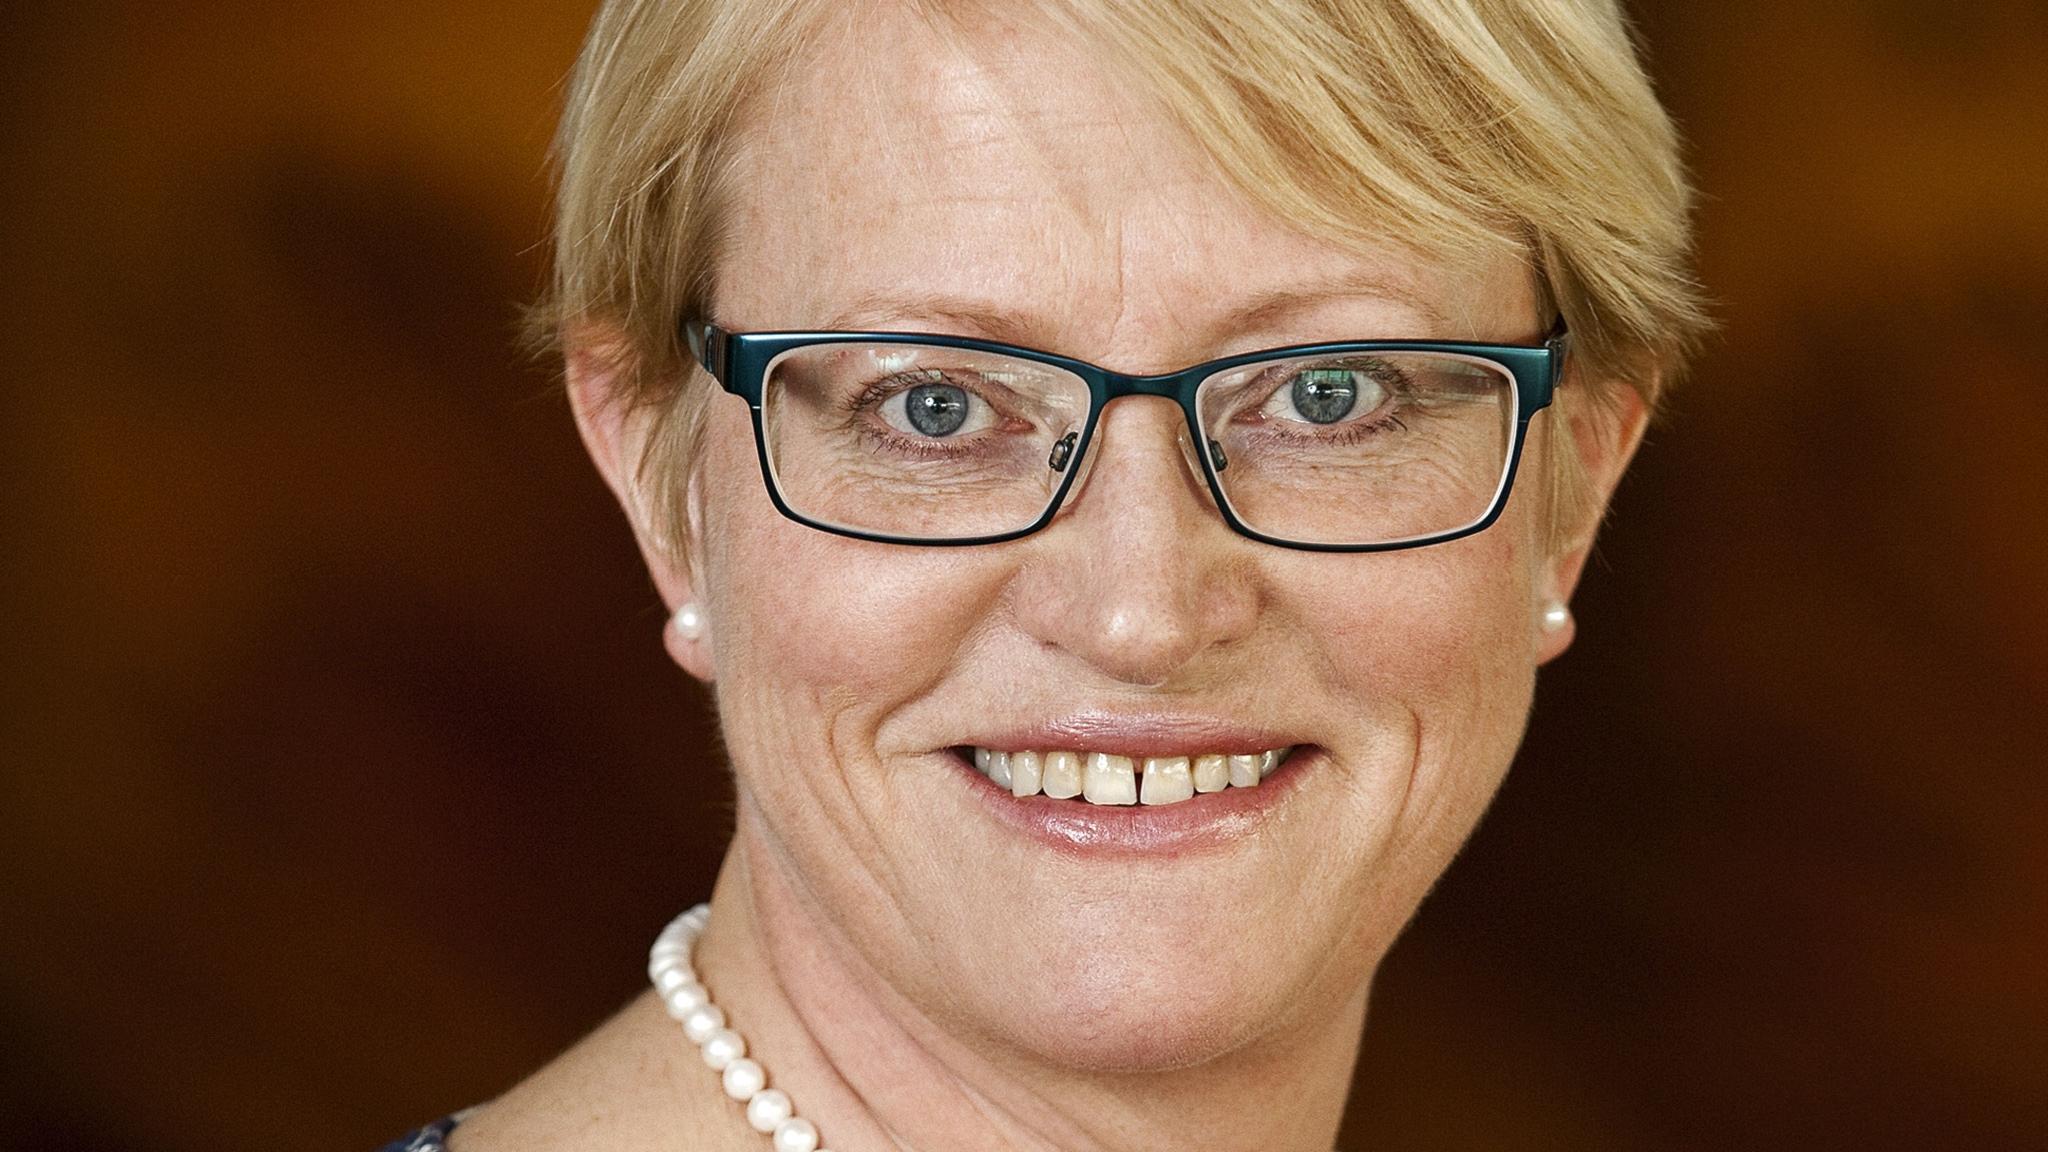 Ing-Marie Wieselgren - Vad är det för fel på lagom?